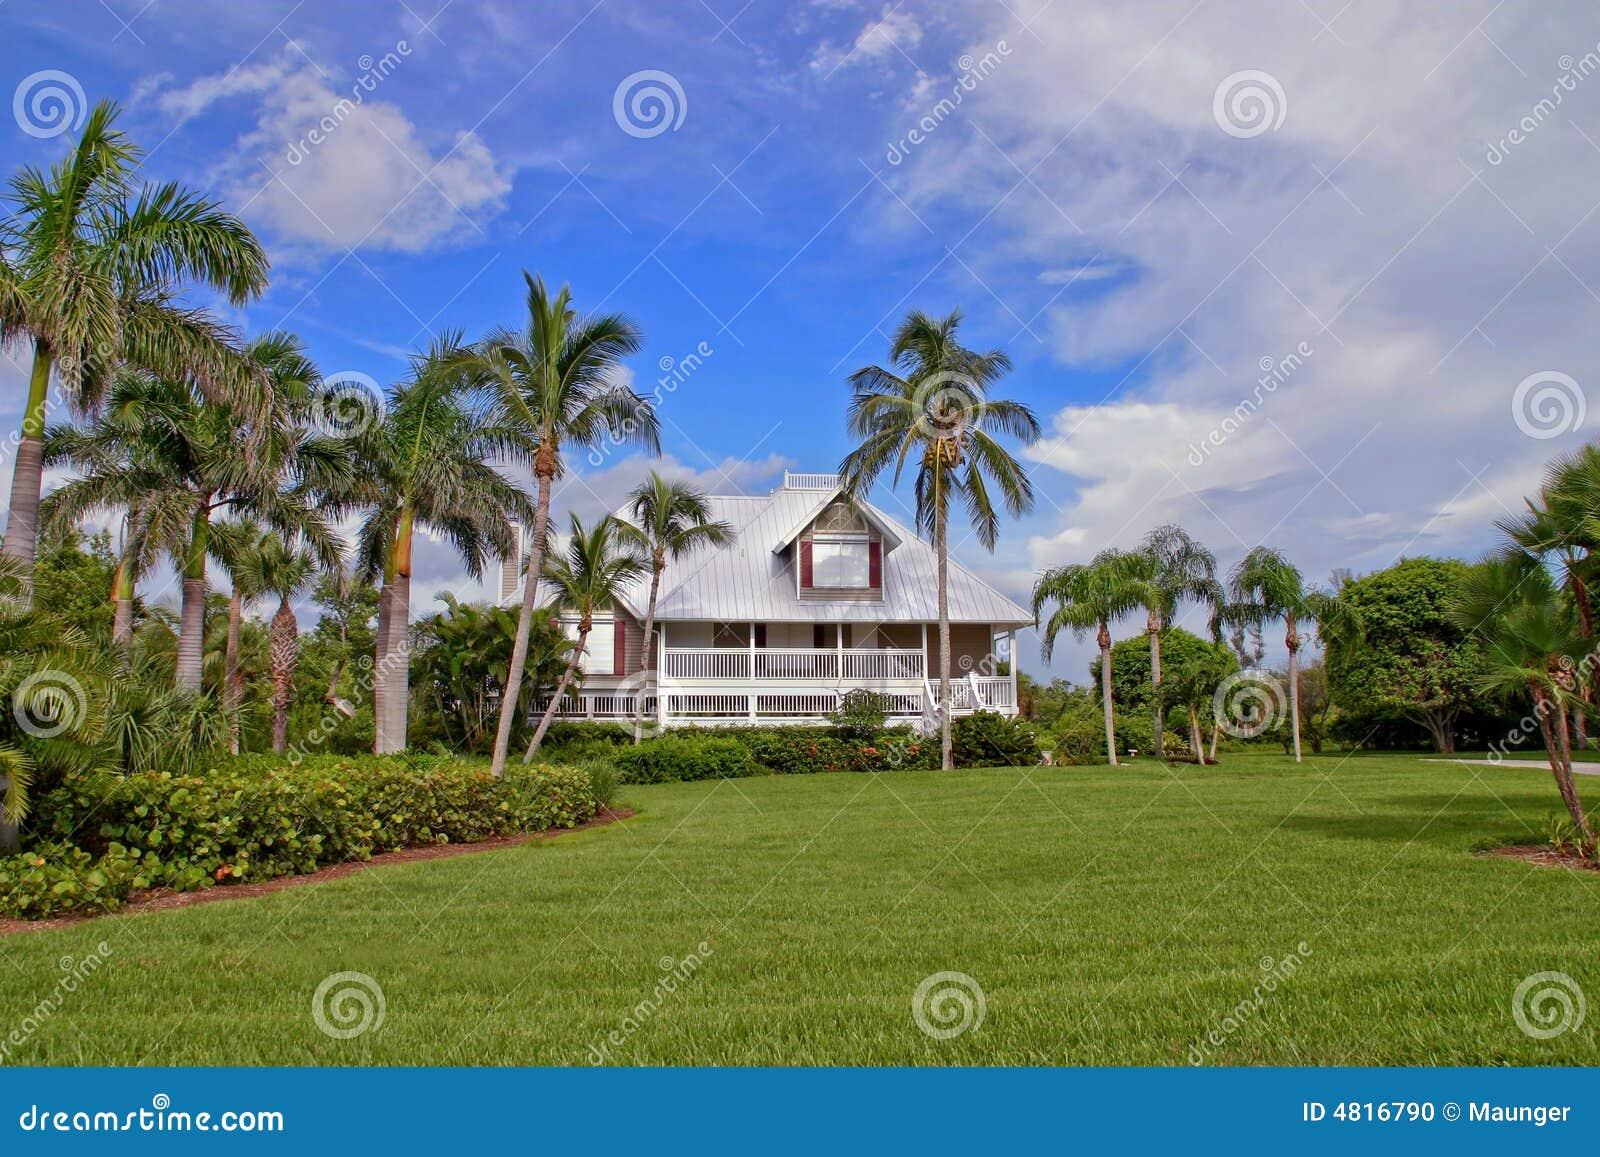 Casa nel paradiso tropicale con illuminazione di hdr fotografia